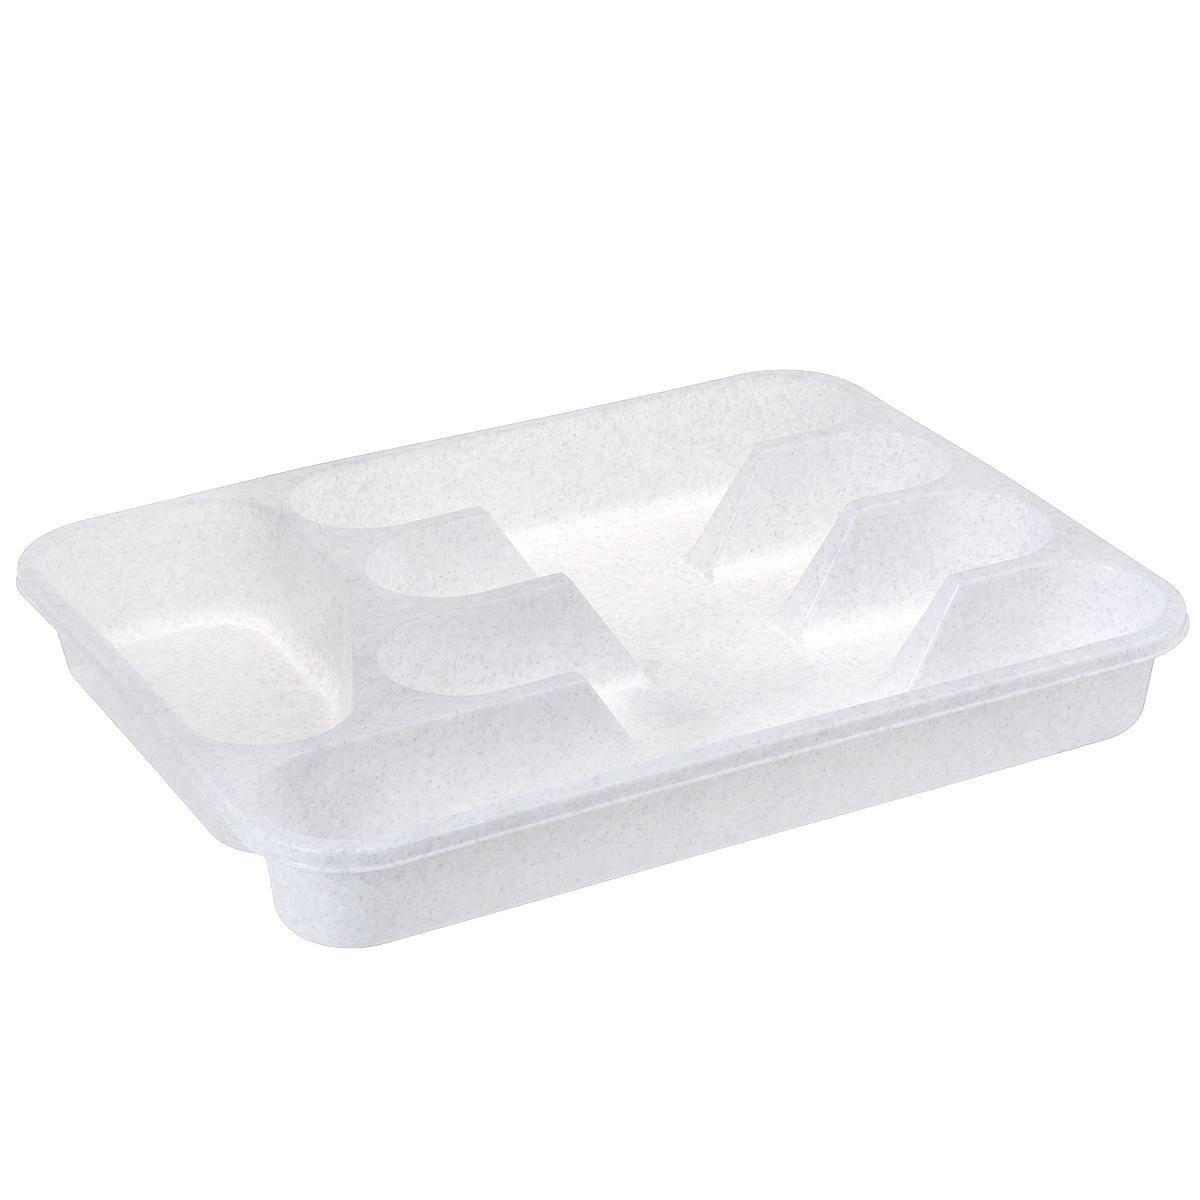 Лоток для столовых приборов Idea, цвет: мраморный, 33 х 26 смМ 1140Лоток для столовых приборов Idea изготовлен из прочного пластика. Изделие имеет 3 одинаковых секции для столовых ложек, вилок и ножей, секцию для чайных ложек и длинную секцию для различных кухонных принадлежностей. Лоток помещается в любой кухонный ящик.